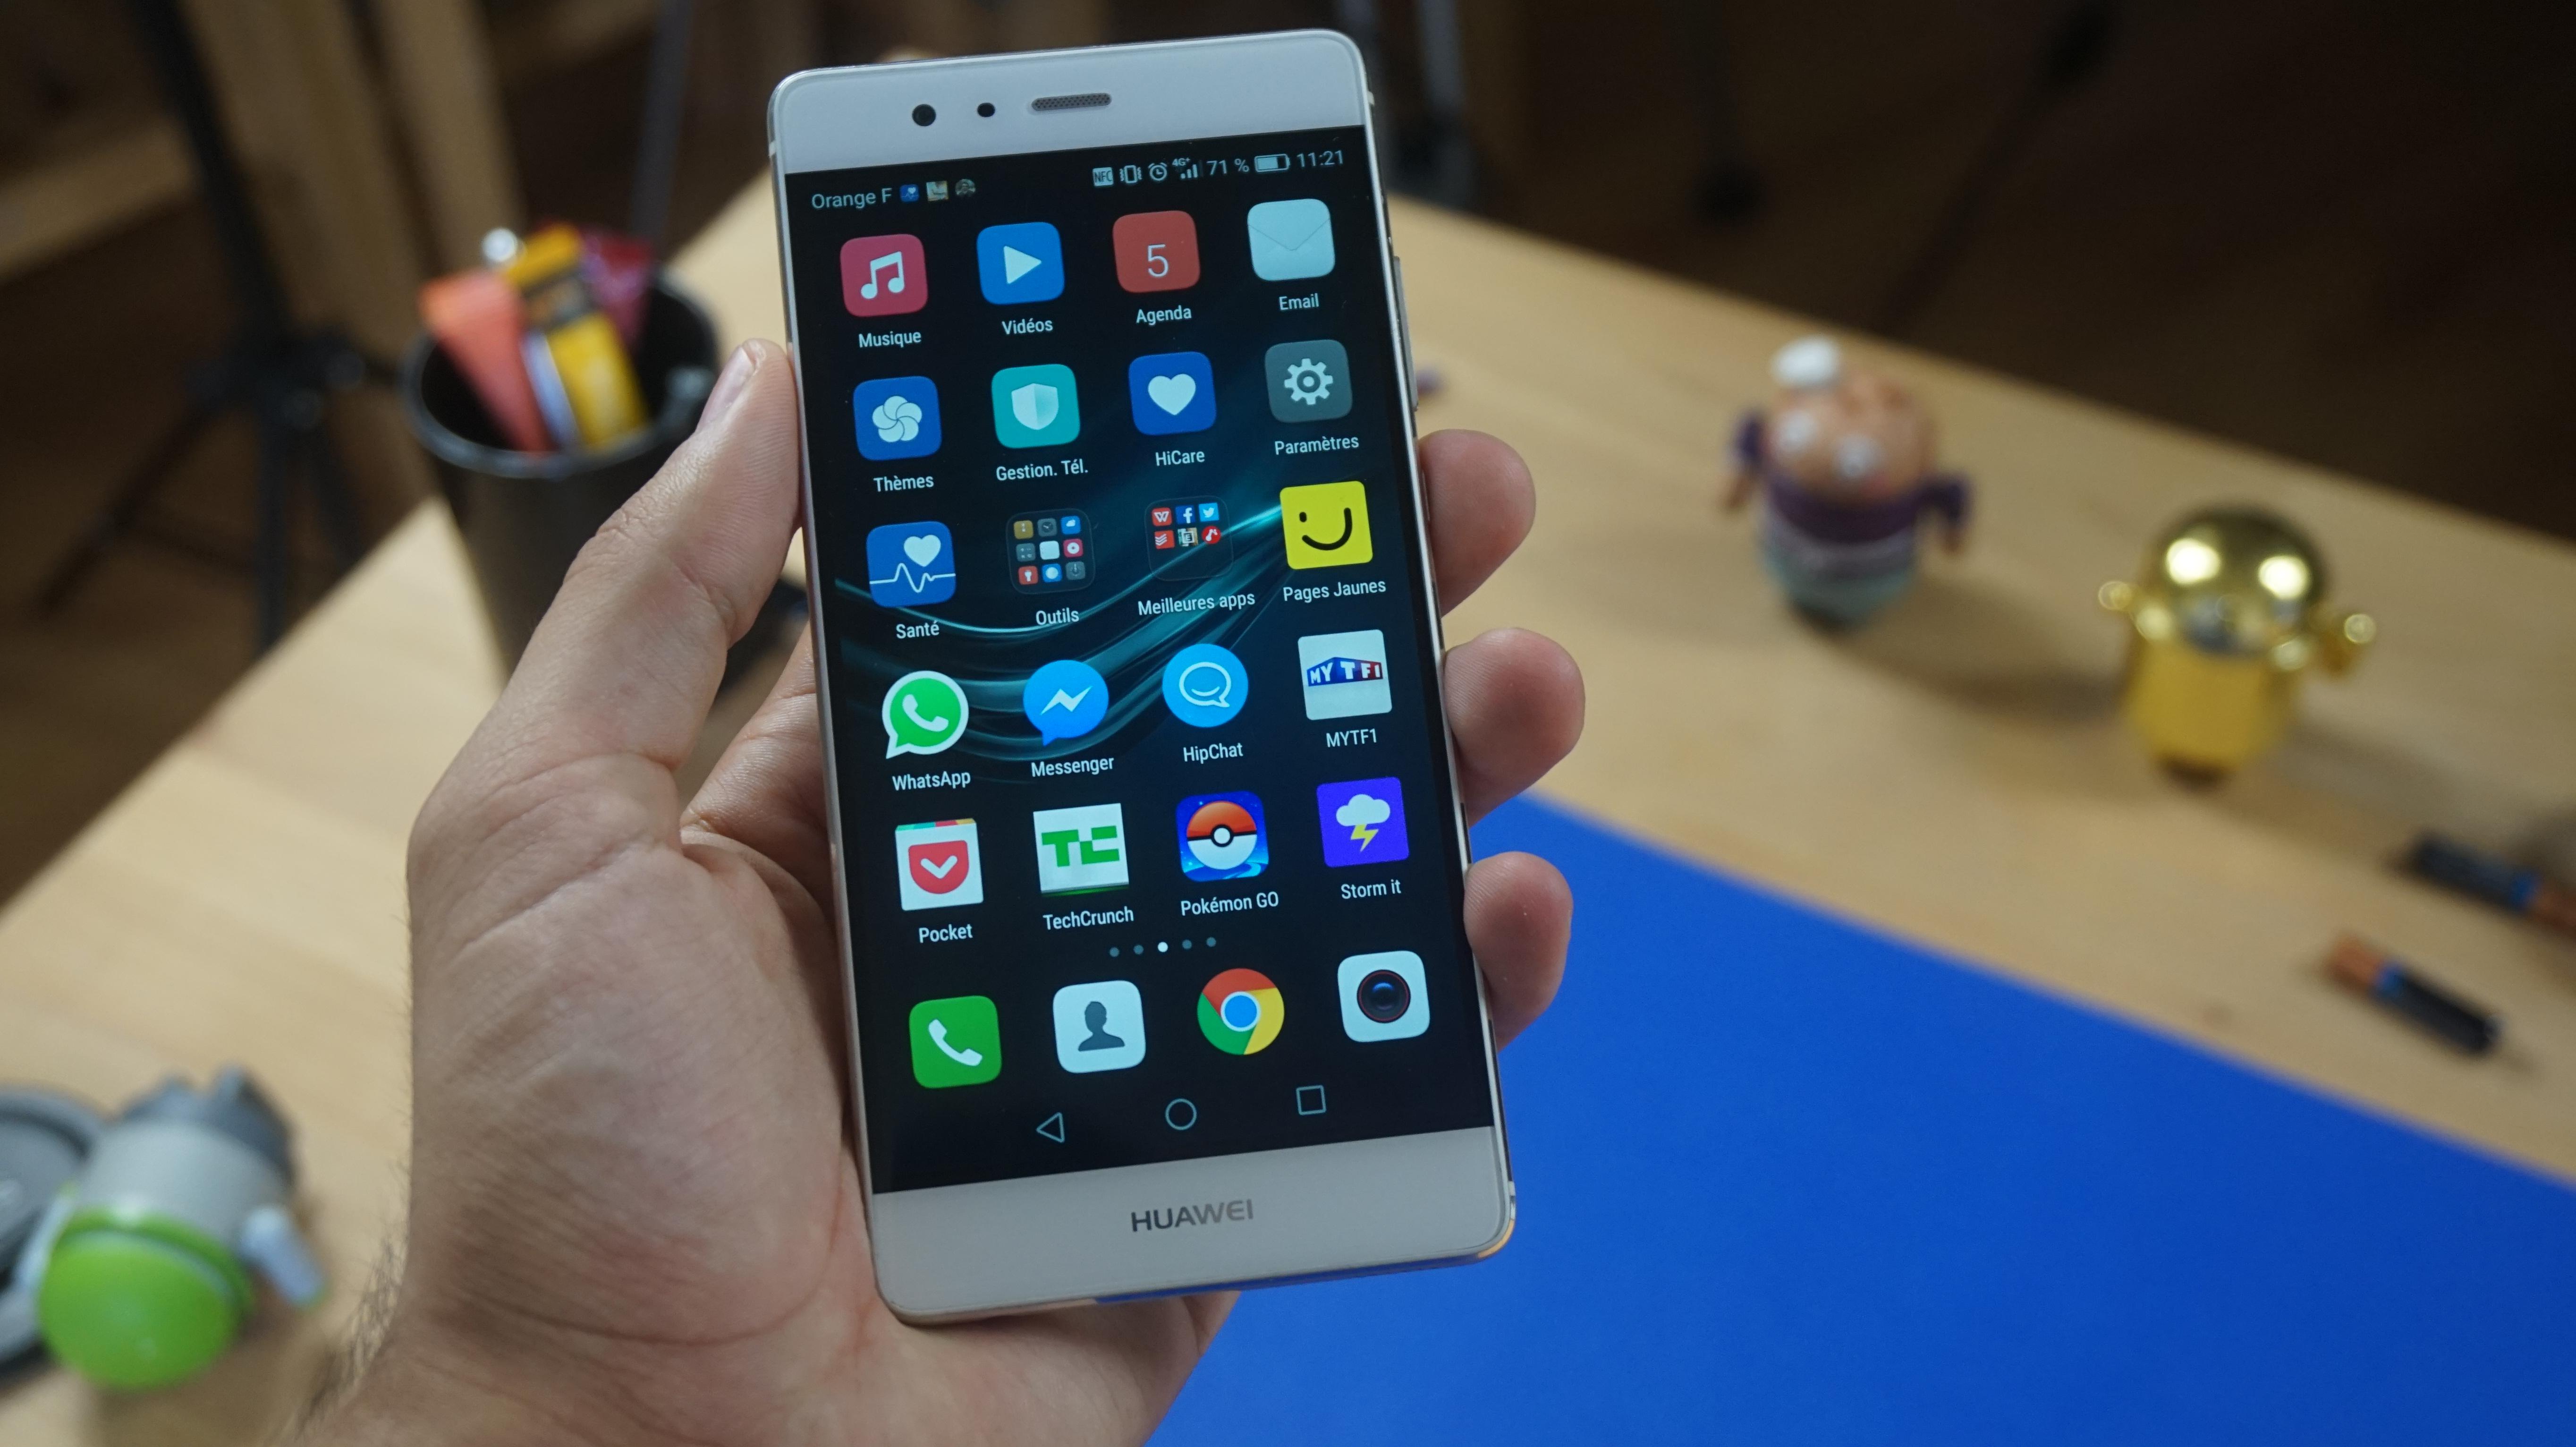 deux mois avec un huawei p9   notre test du smartphone haut de gamme - tech